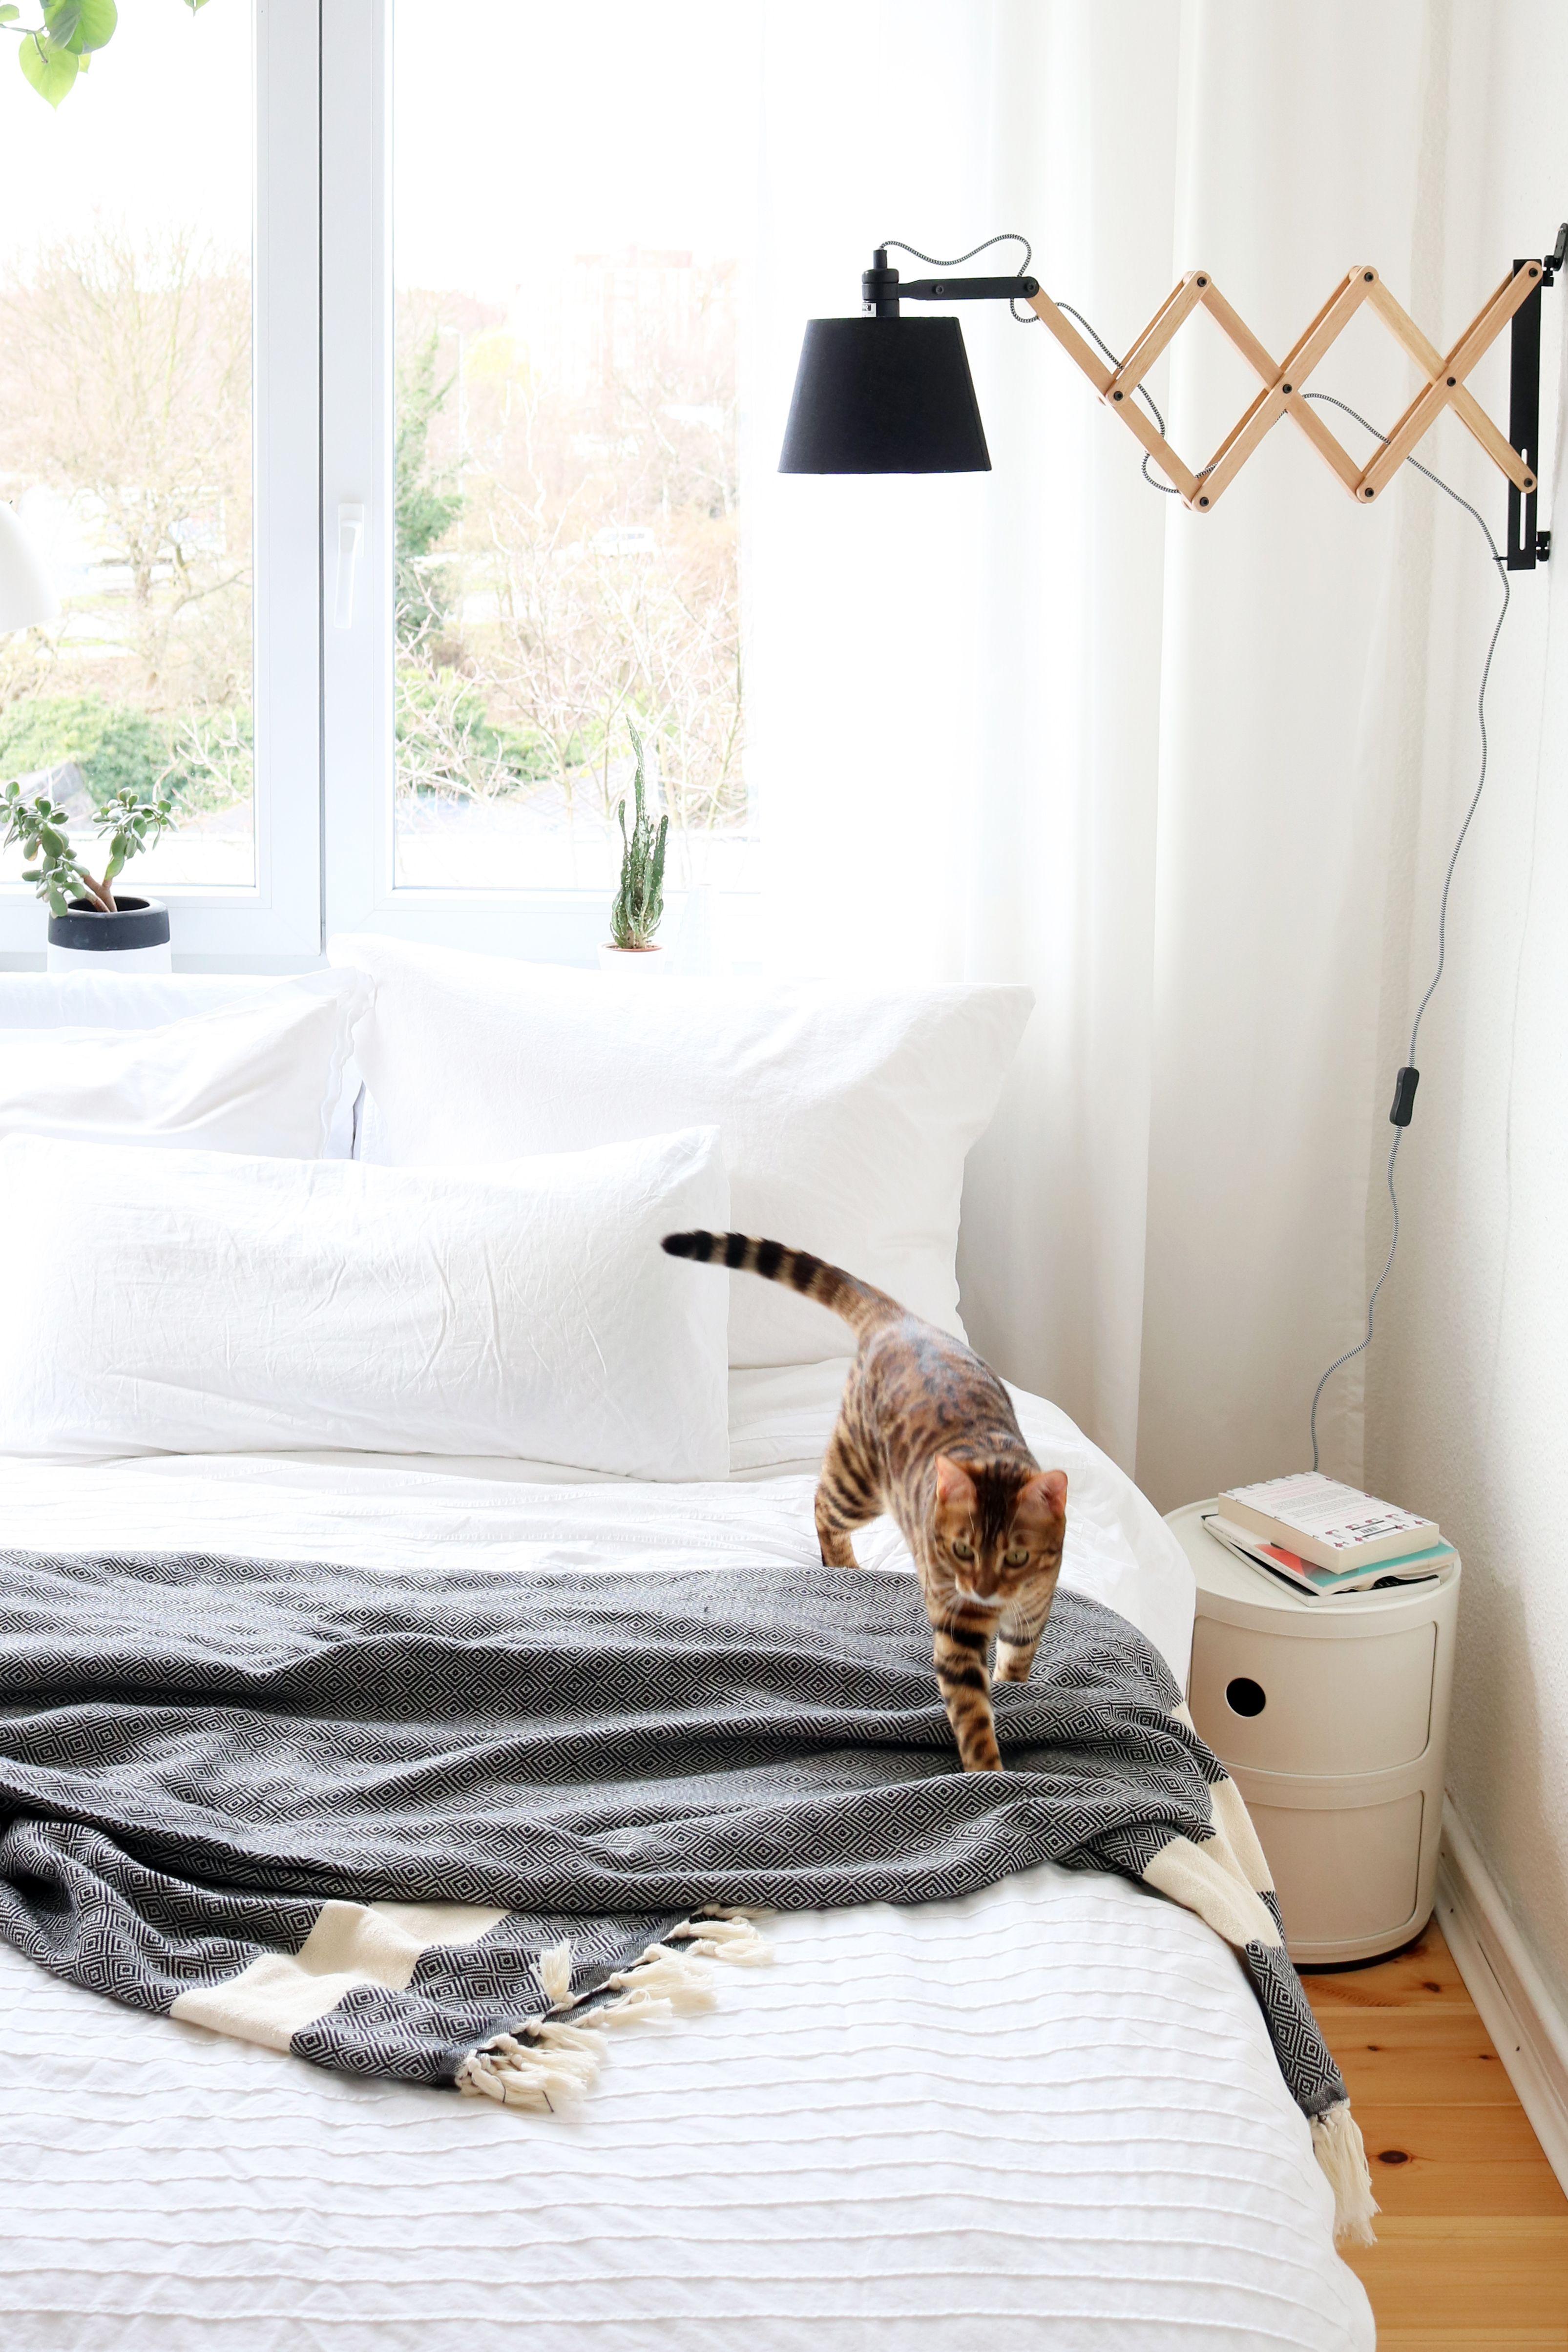 Living At Home Gewinnspiel vivaleuchten giveaway für graue tage giveaway interiors and